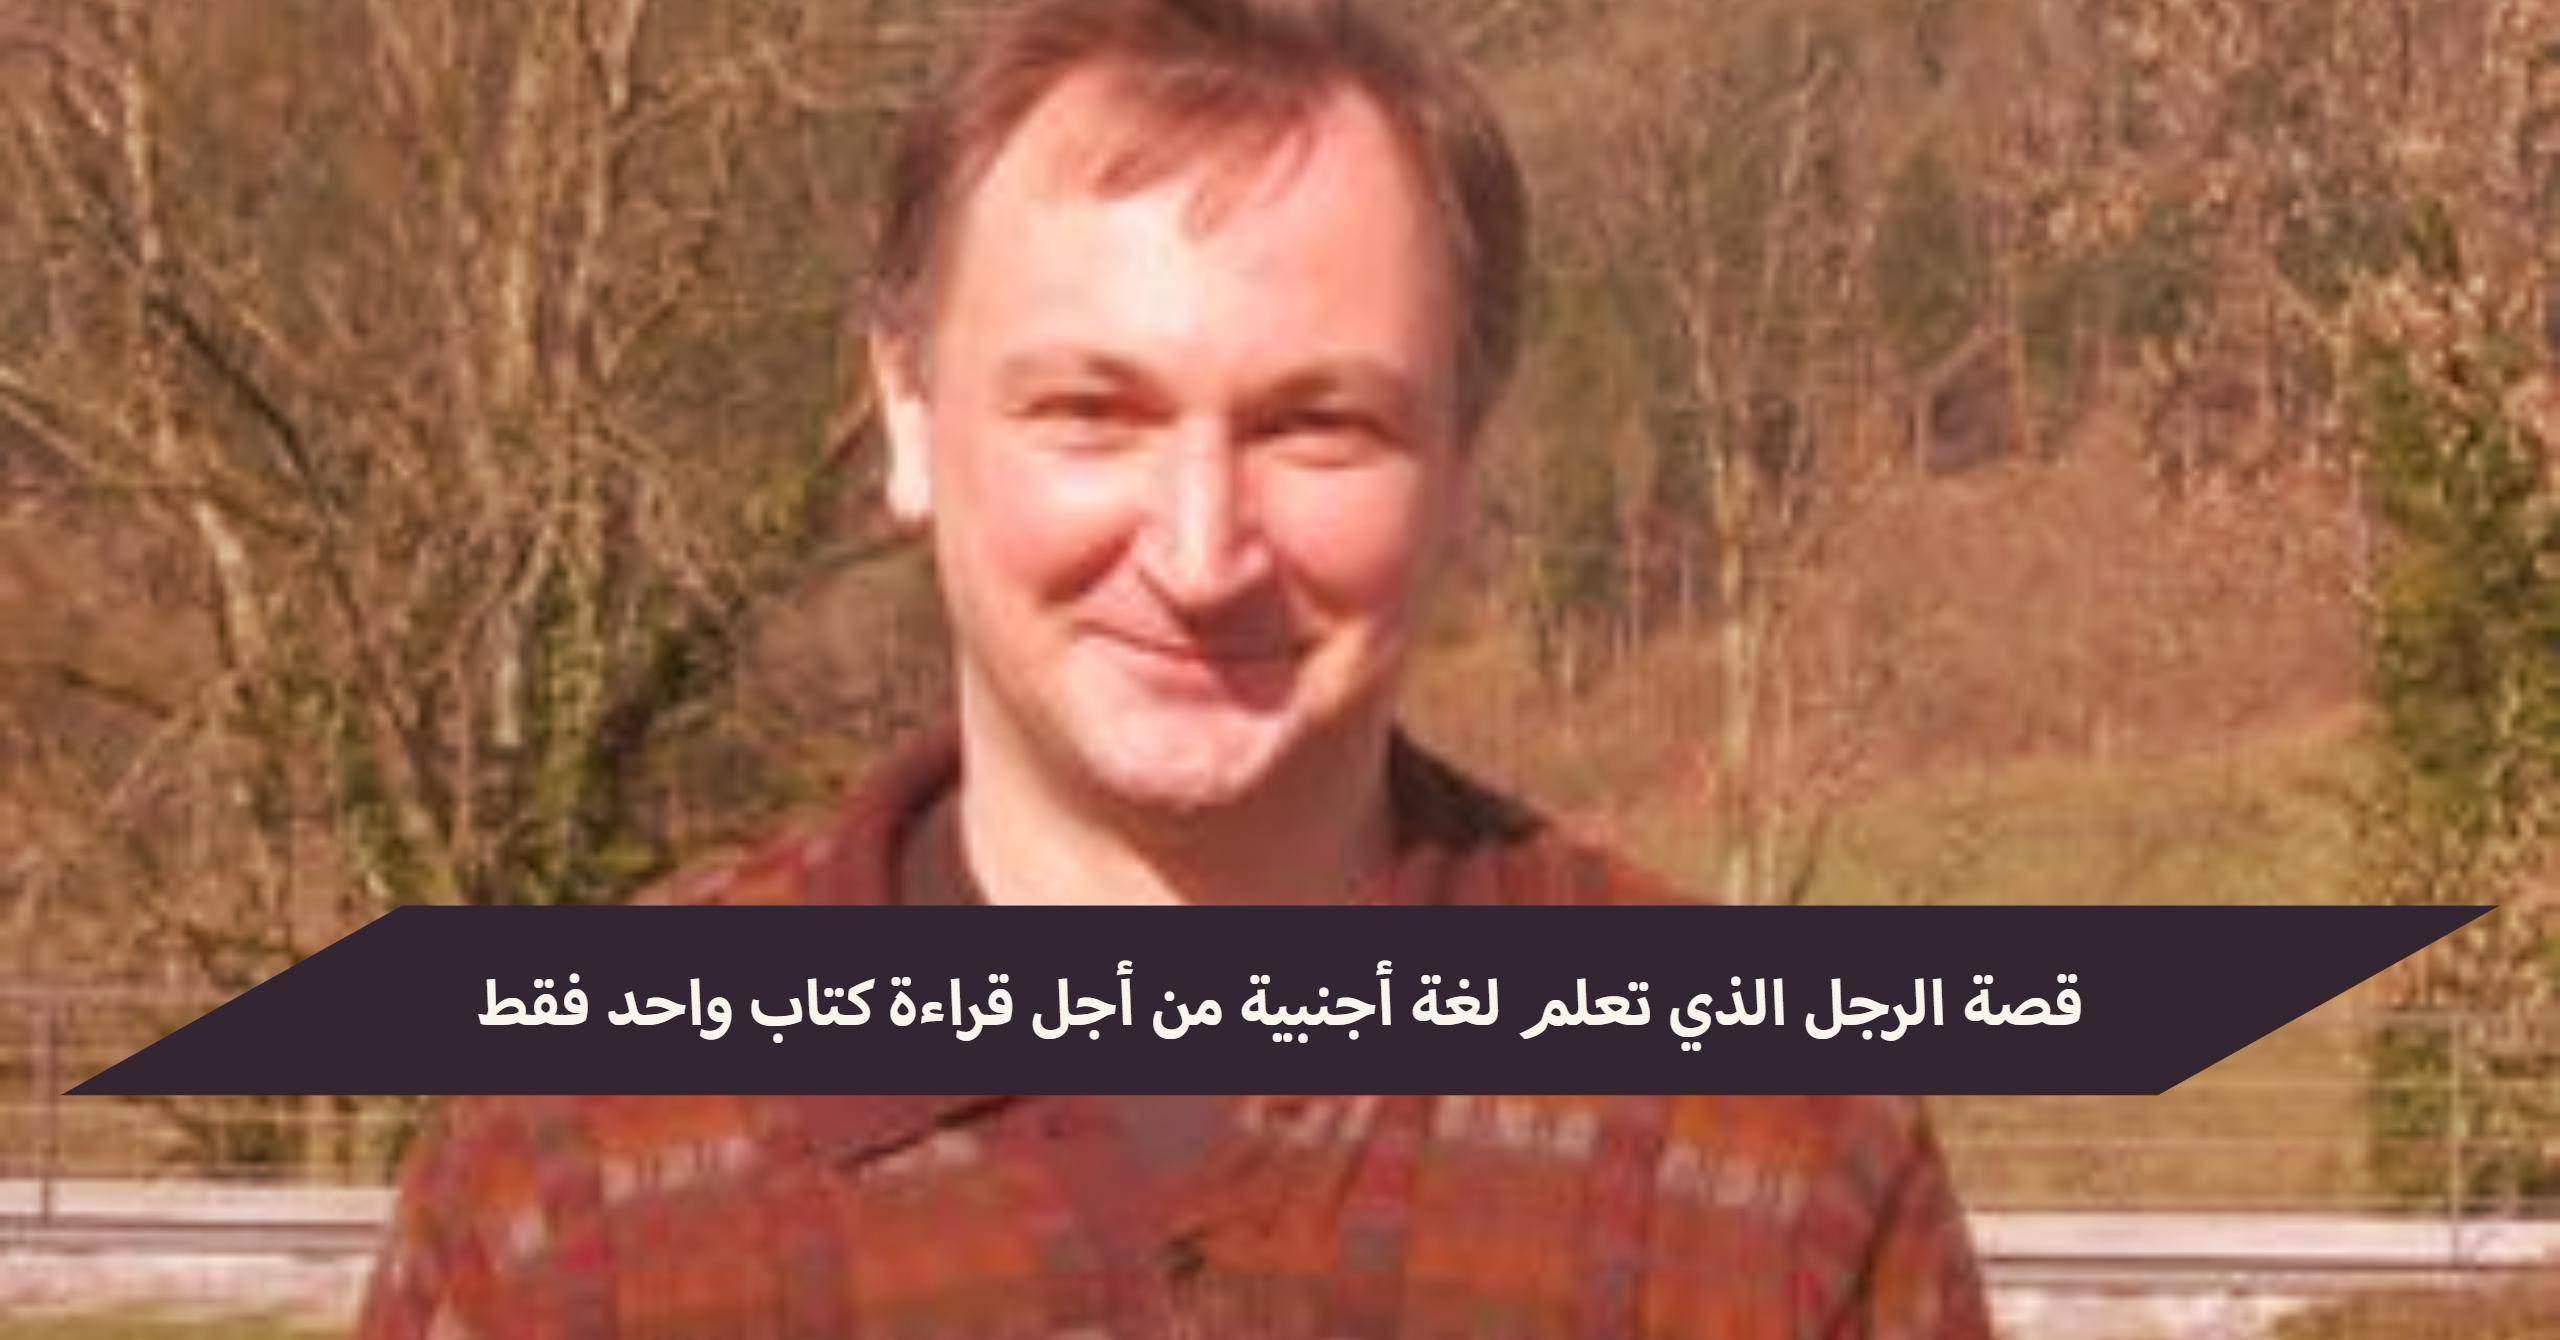 Photo of عبقري أم مجنون؟ قصة الرجل المتمرد الذي تعلم لغة أجنبية من أجل قراءة كتاب واحد فقط